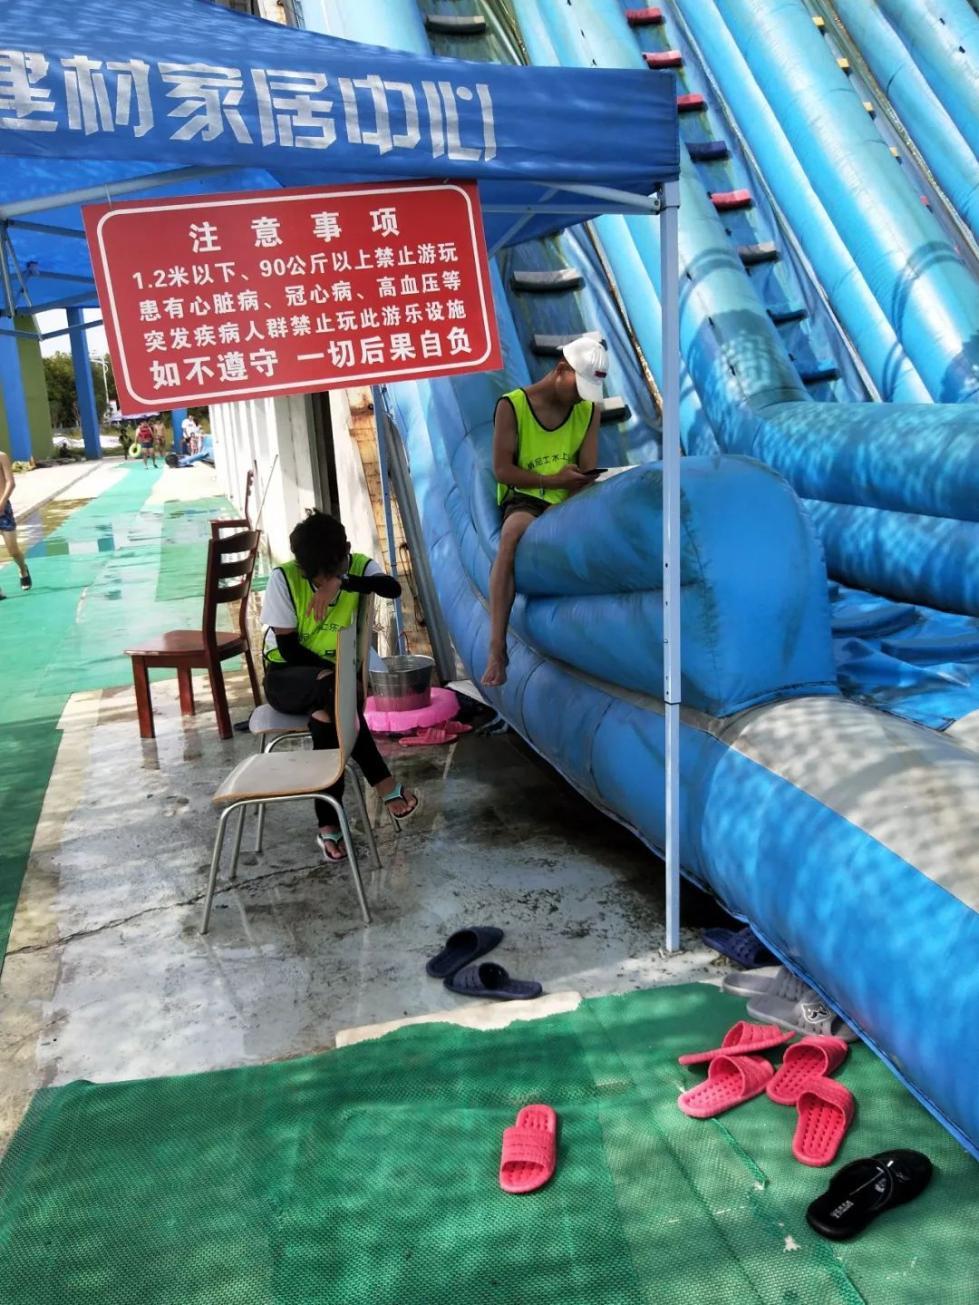 一月内3死48伤,这项火热的暑期娱乐项目为何安全事故频发?